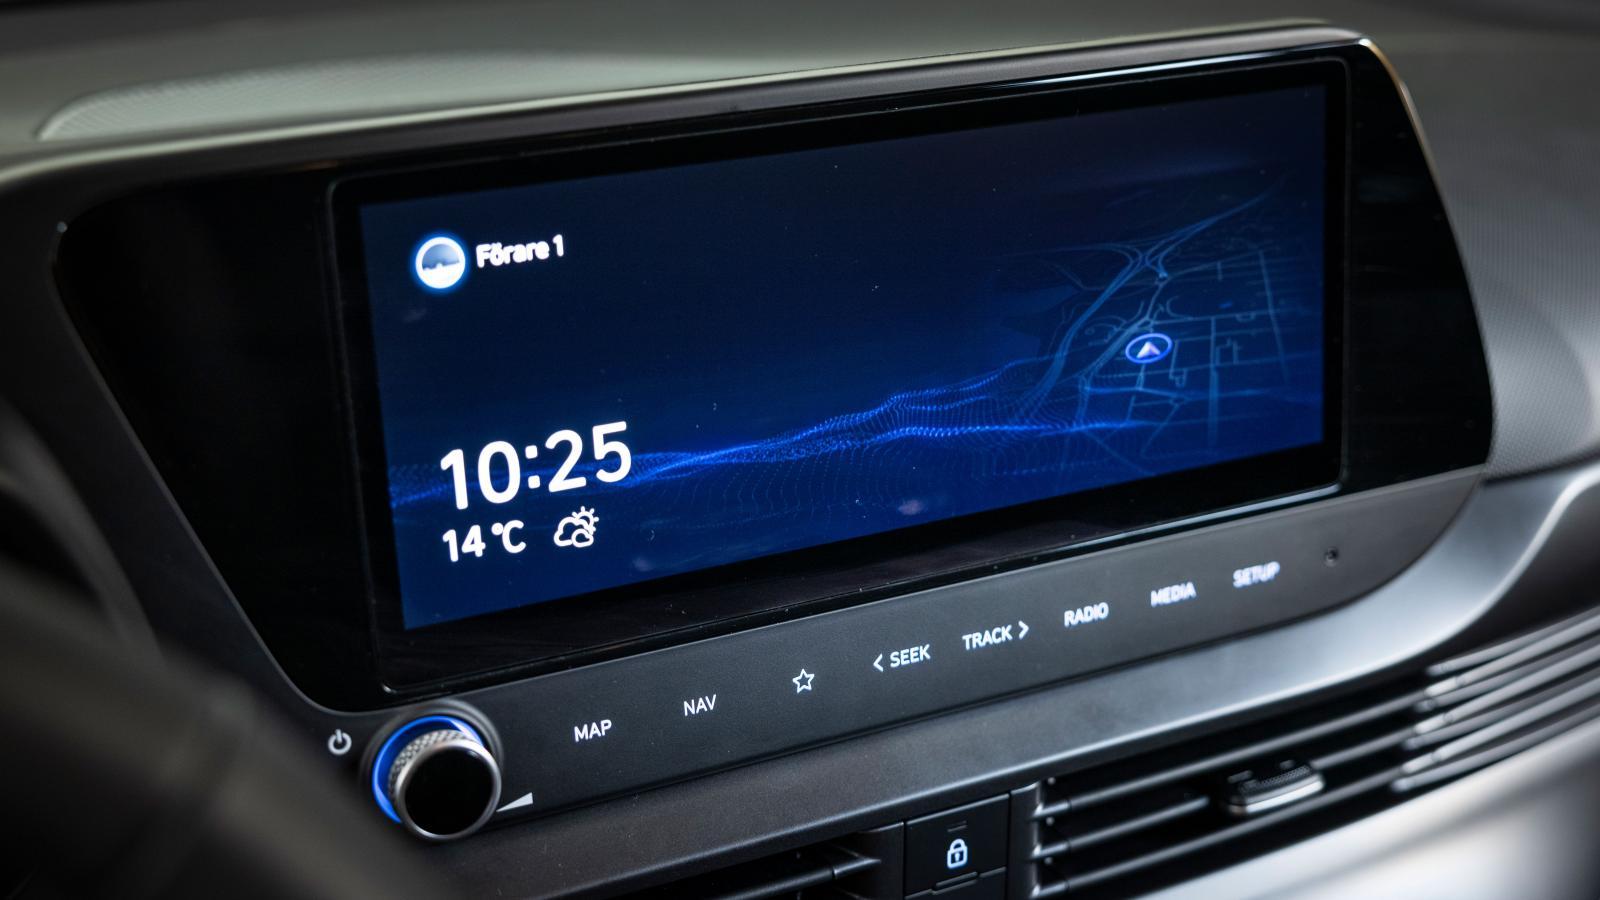 Hyundai: Elegant grafik. Körprofil, tid, yttertemperatur och rådande väder. Flerdygnsprognos finns. Touch-knappar i nederkant, den matta ytan lär med tiden bli blanksliten. Omfattande menysystem.